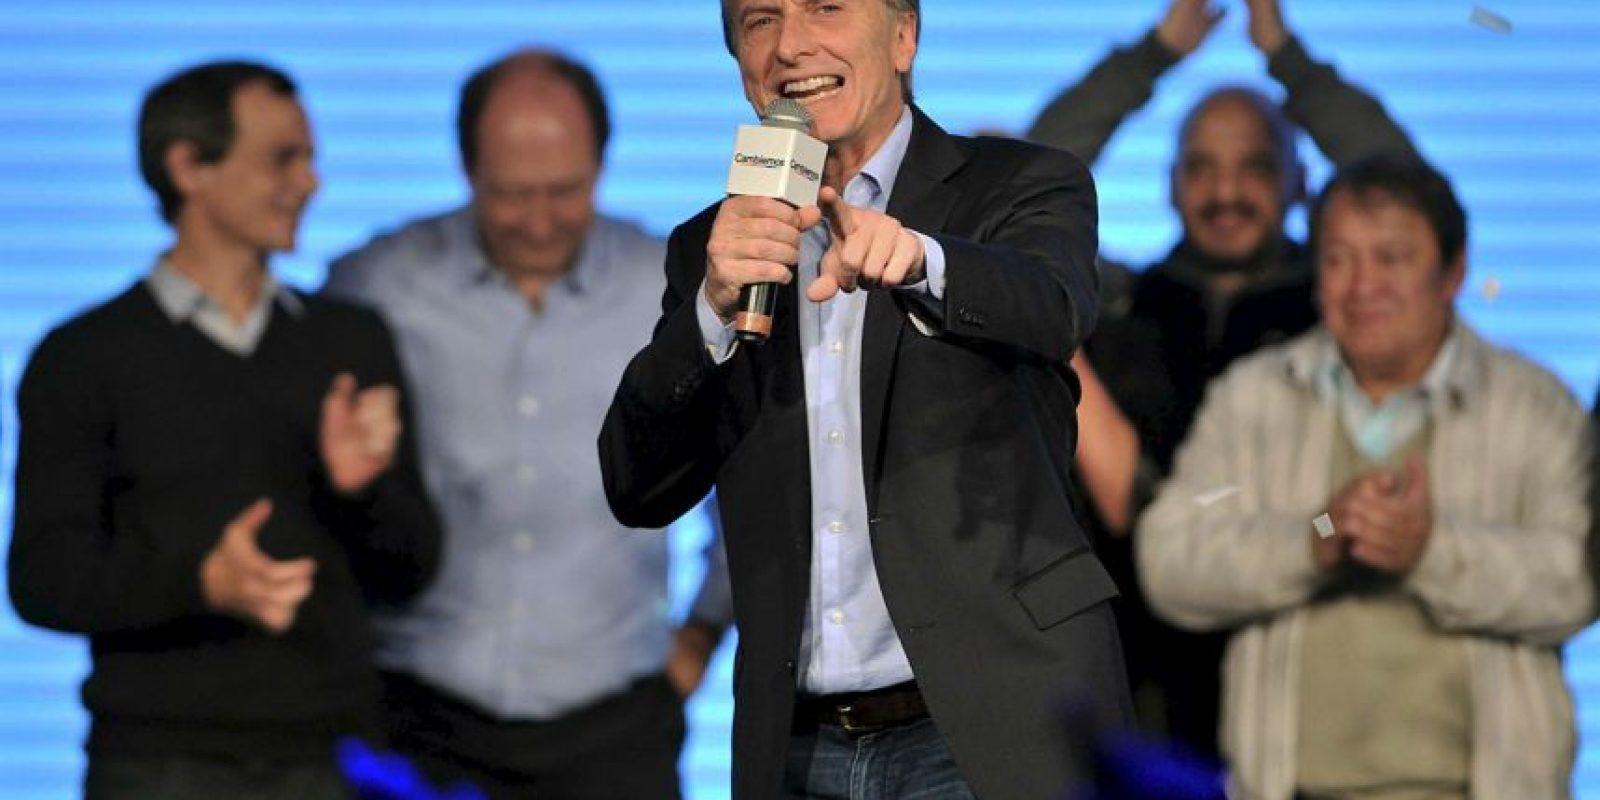 Las primera vuelta de las elecciones presidenciales se realizará el 25 de octubre Foto:AFP